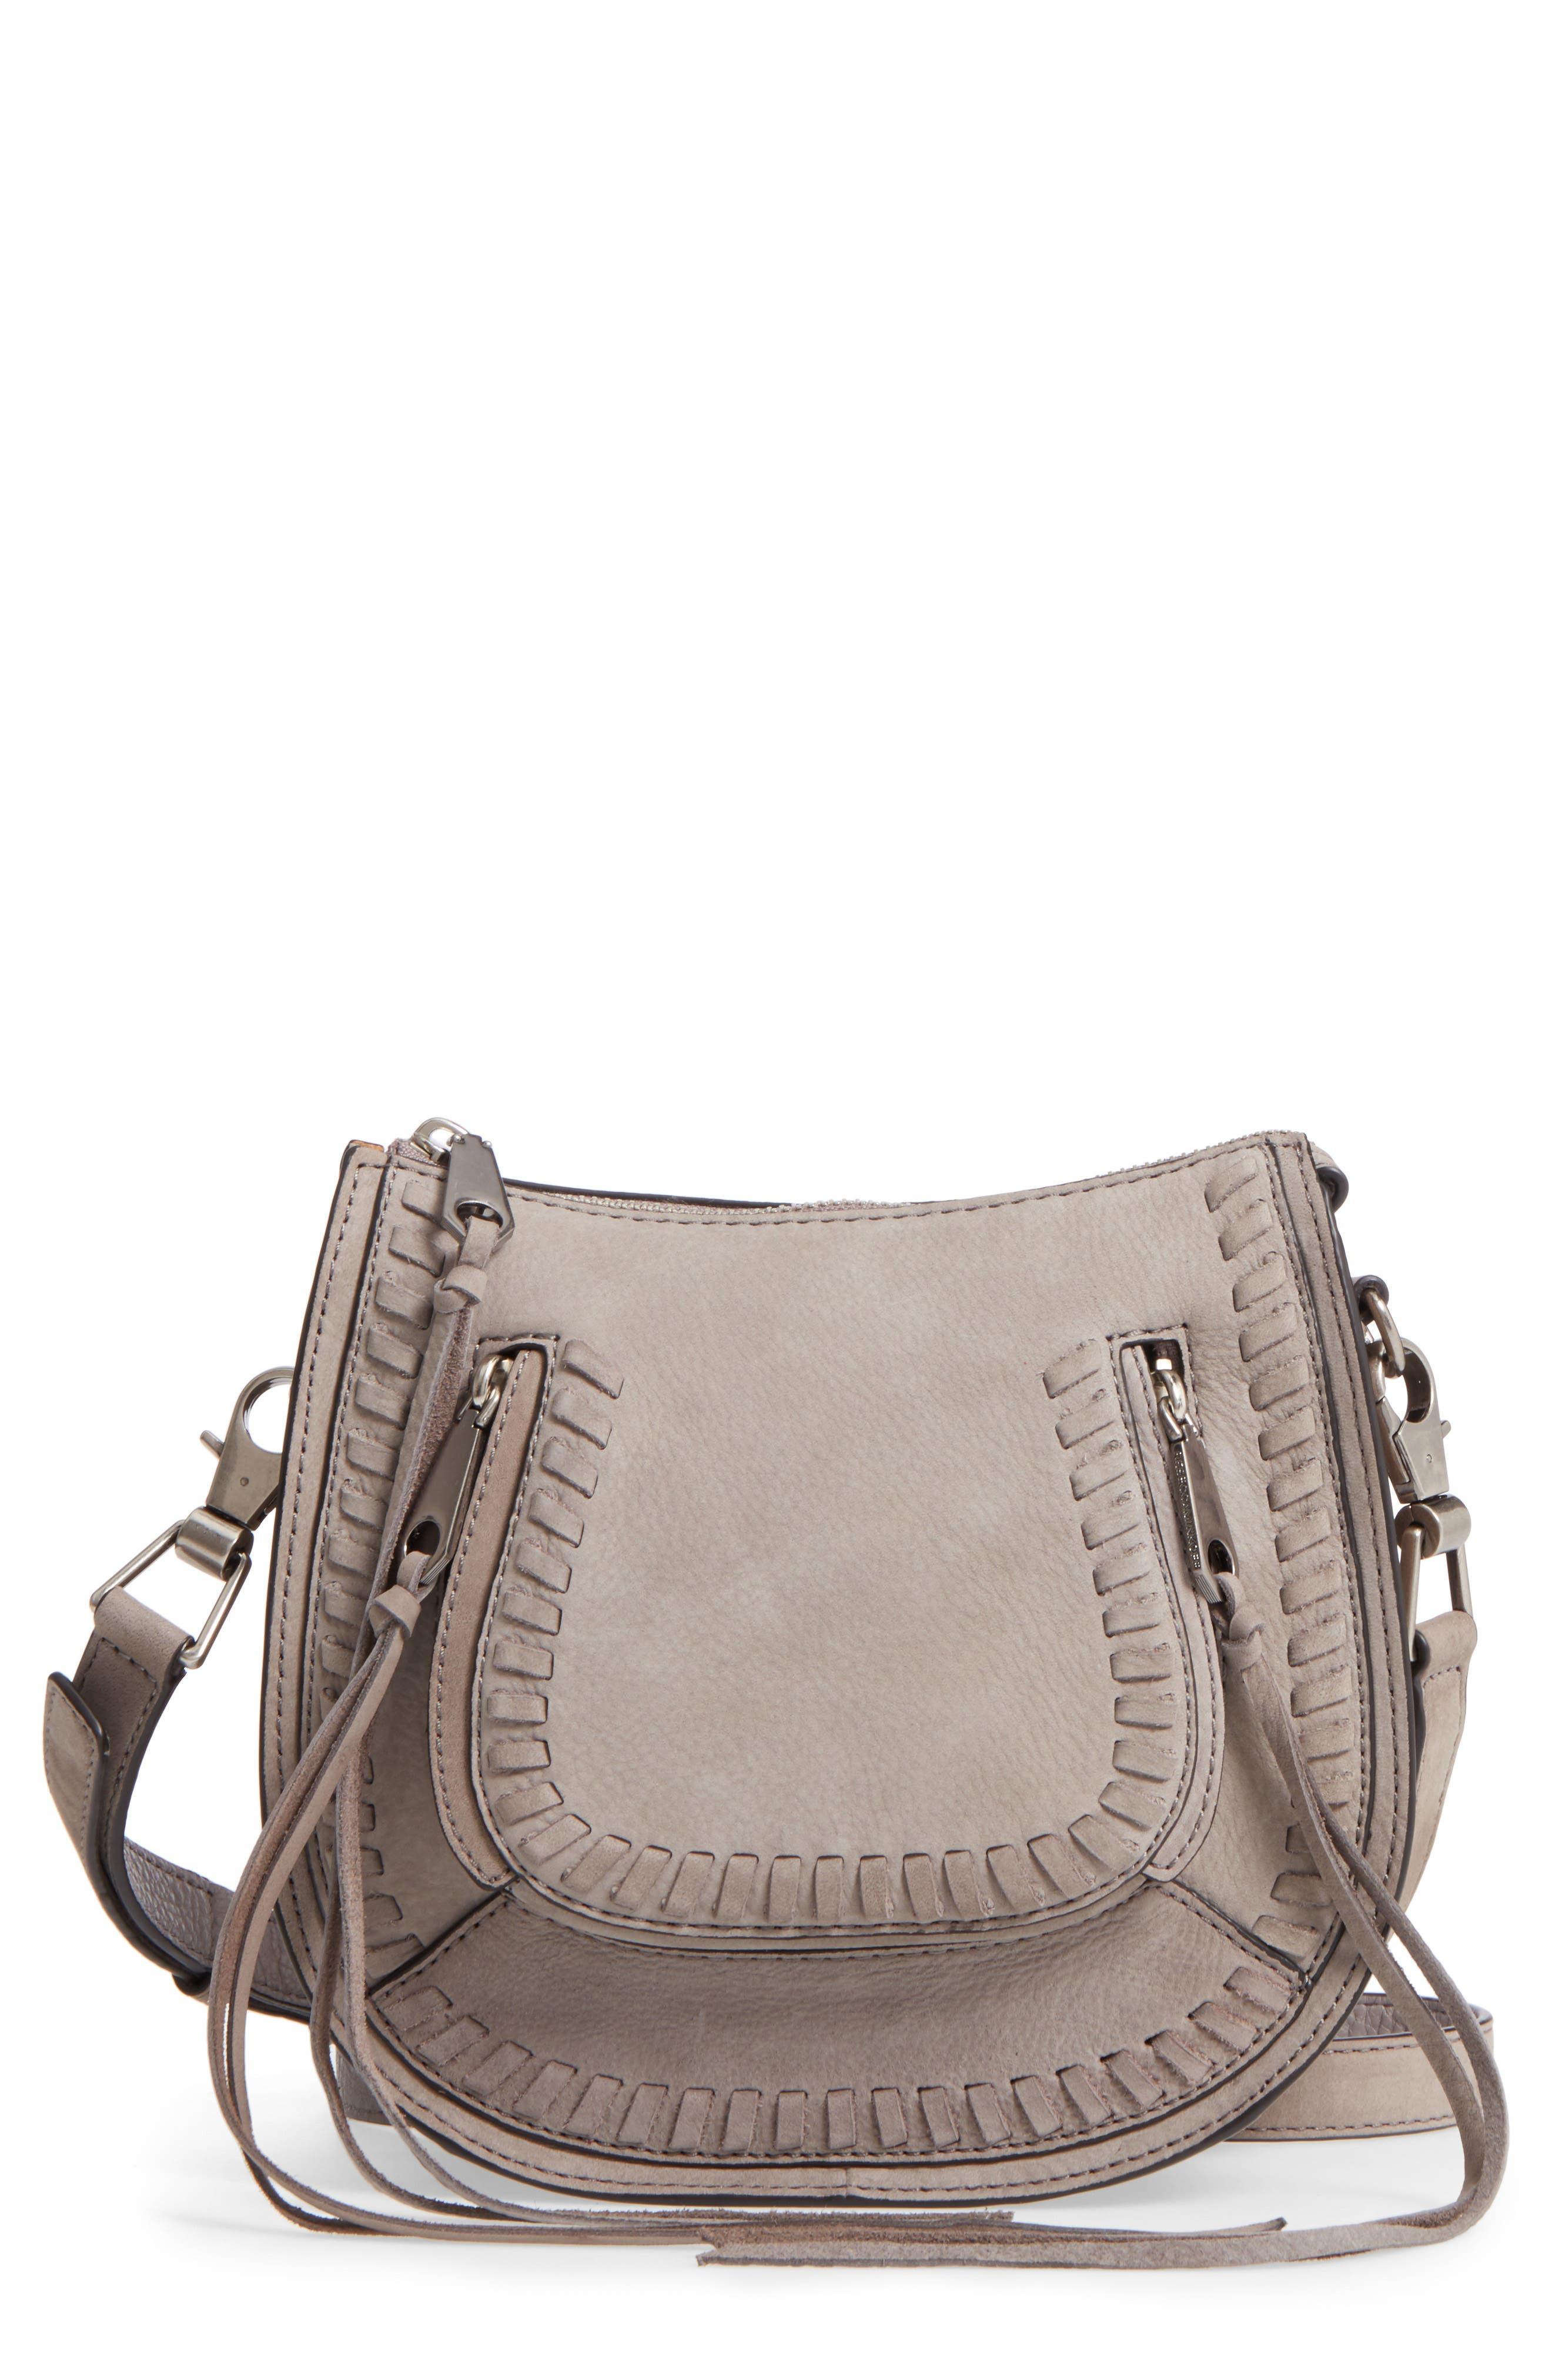 Main Image - Rebecca Minkoff Mini Vanity Saddle Bag